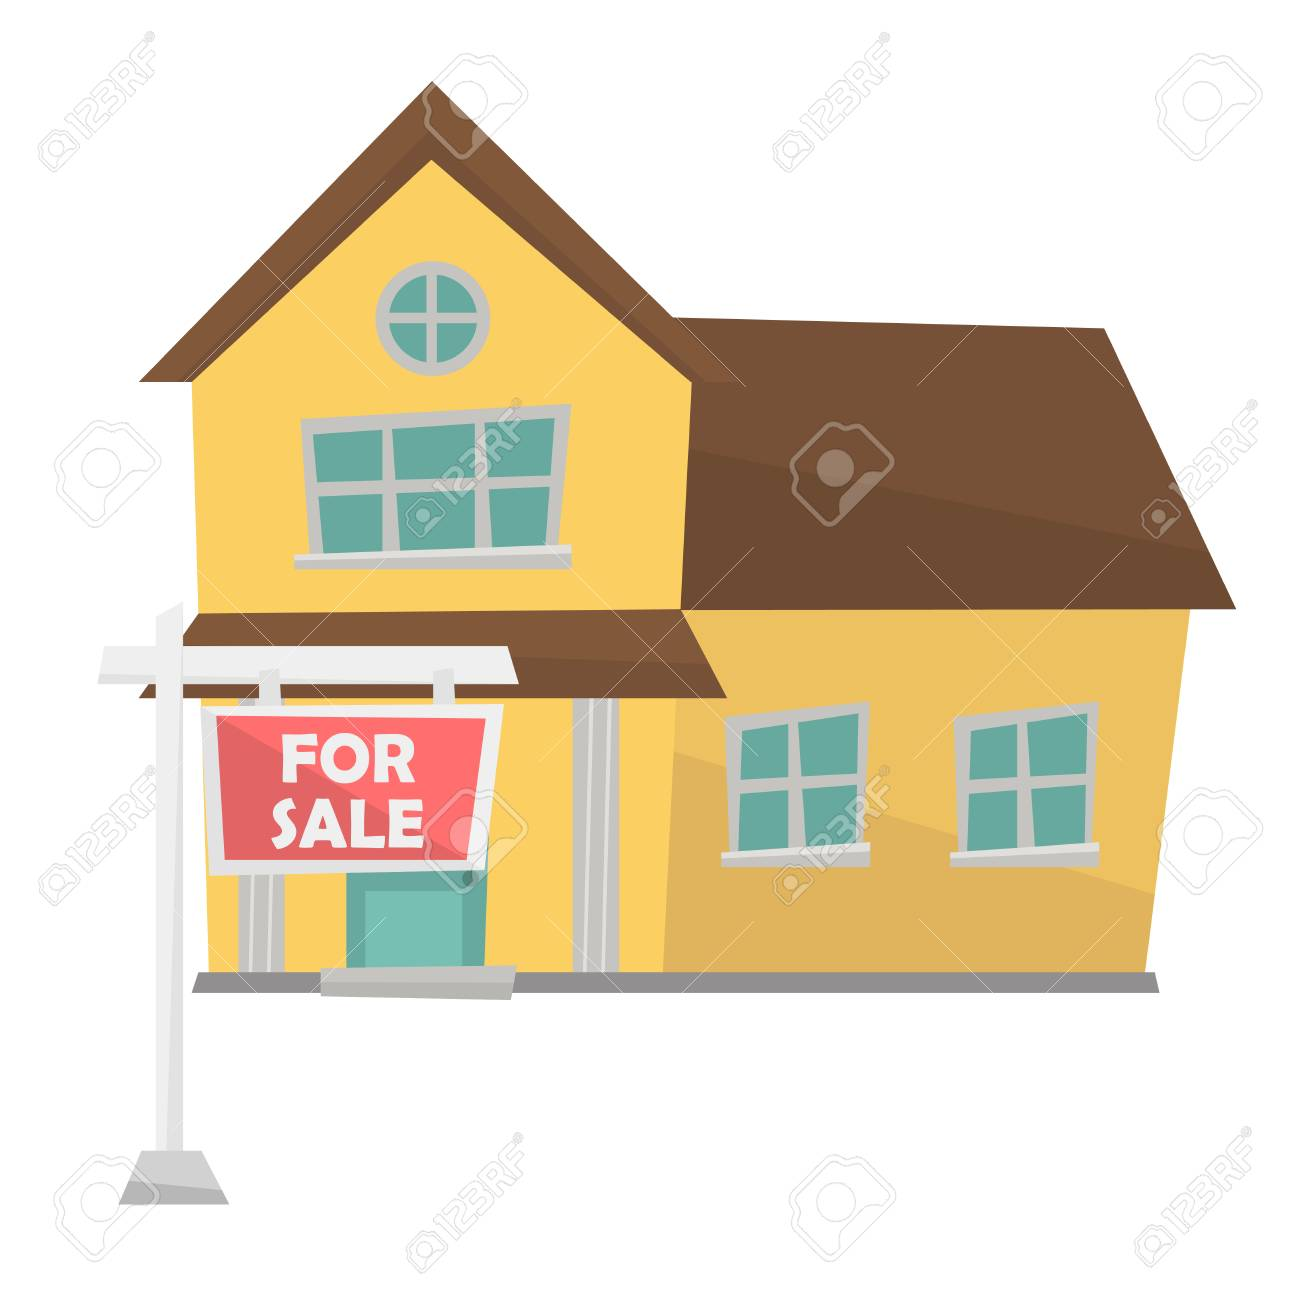 Moderne Maison Avec Affiche De Vente Immobilier. Main Dessinée Caricature HQ-65